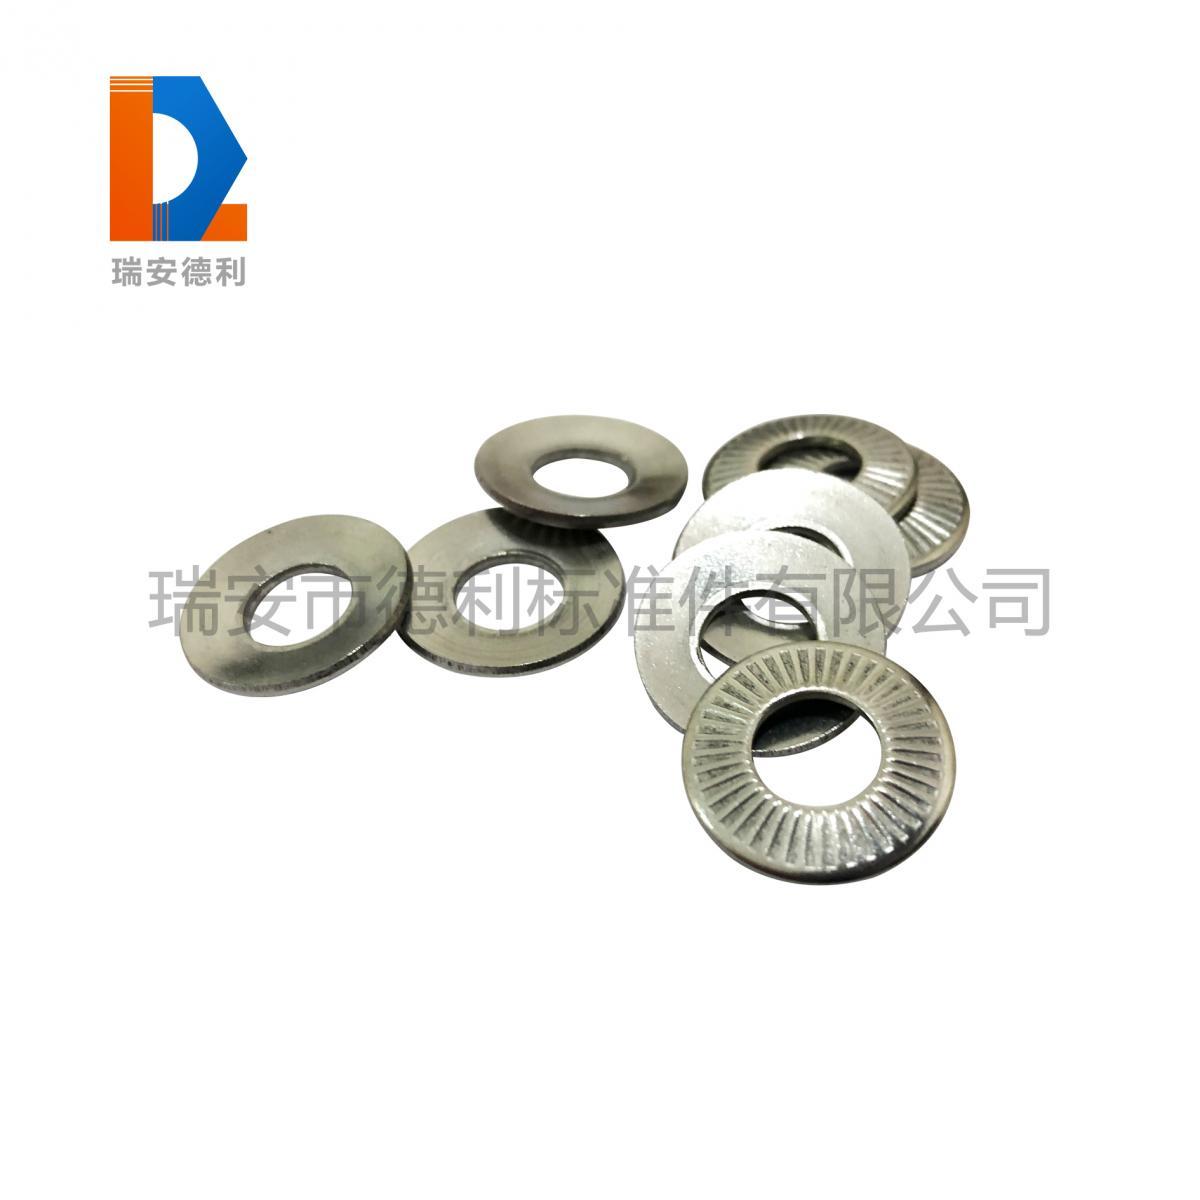 螺栓连接件用碟形弹簧垫圈